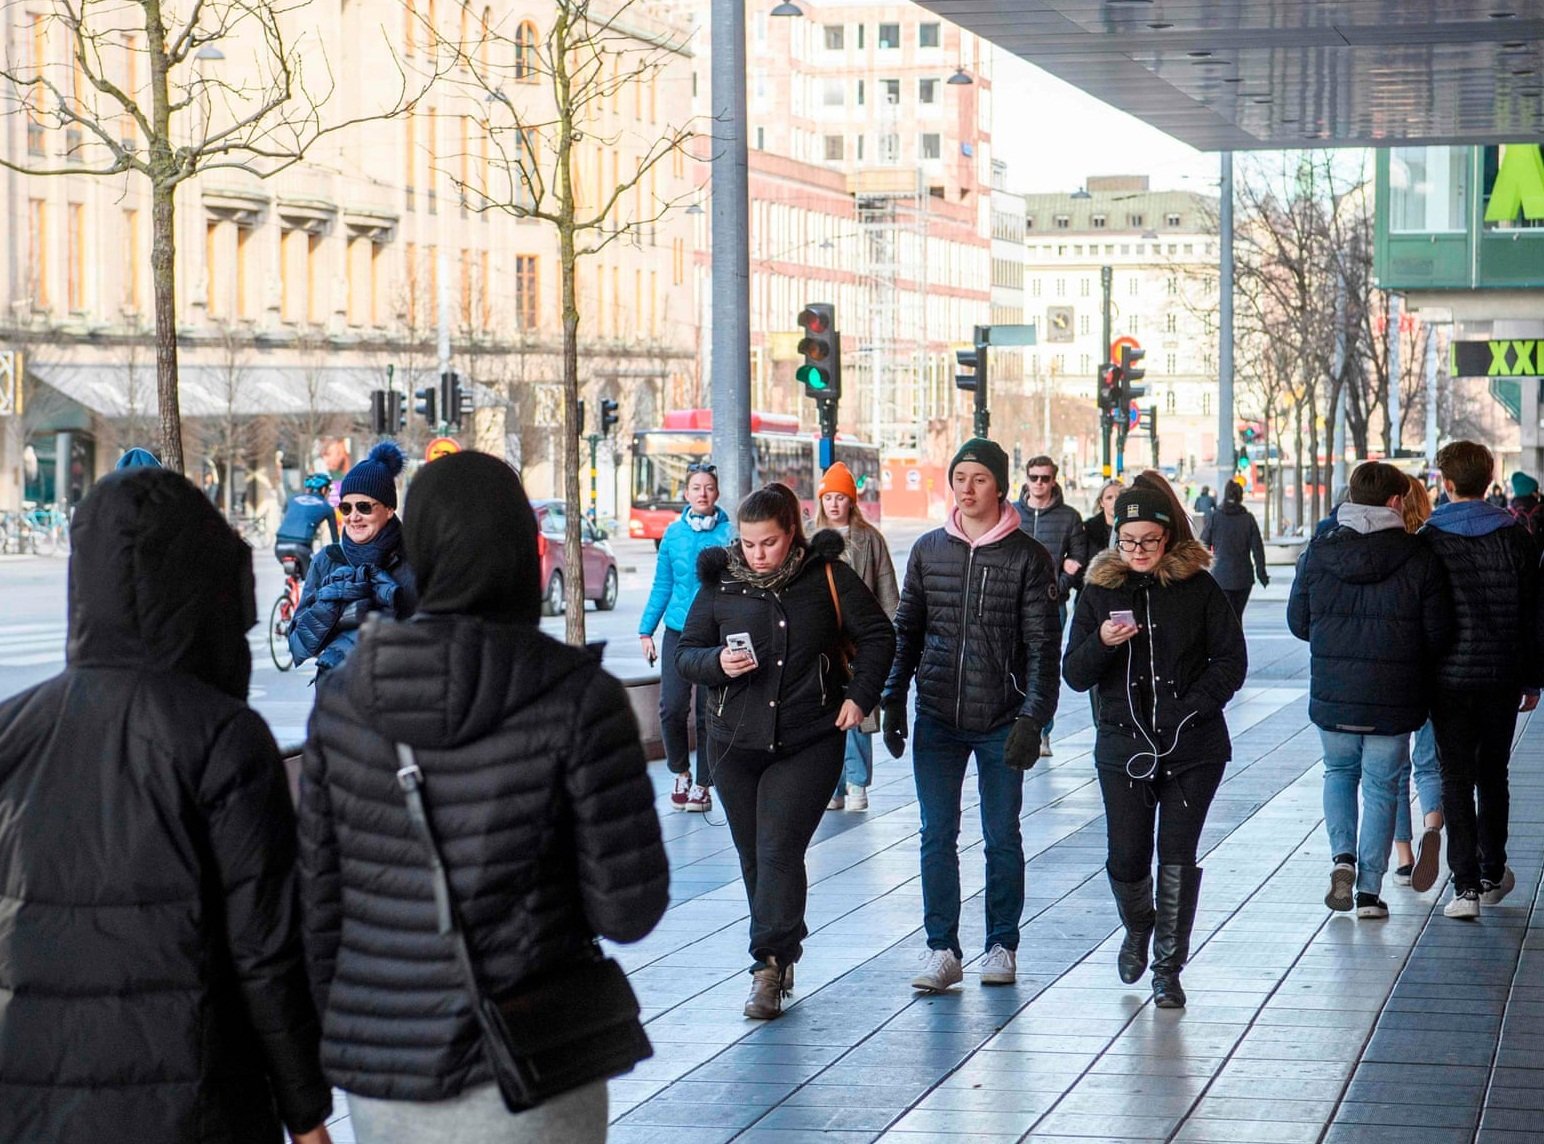 تجربه متفاوت سوئد در «همزیستی با کرونا» / رستورانها، کارخانهها و حتی آرایشگاهها تعطیل نیستند، اما پروتکلهای خاصی را اجرا میکنند / آموزش مجازی برقرار است و تجمع بیش از ۵۰ نفر ممنوع / تکیهگاه سوئد، همکاری و اعتماد مردم است